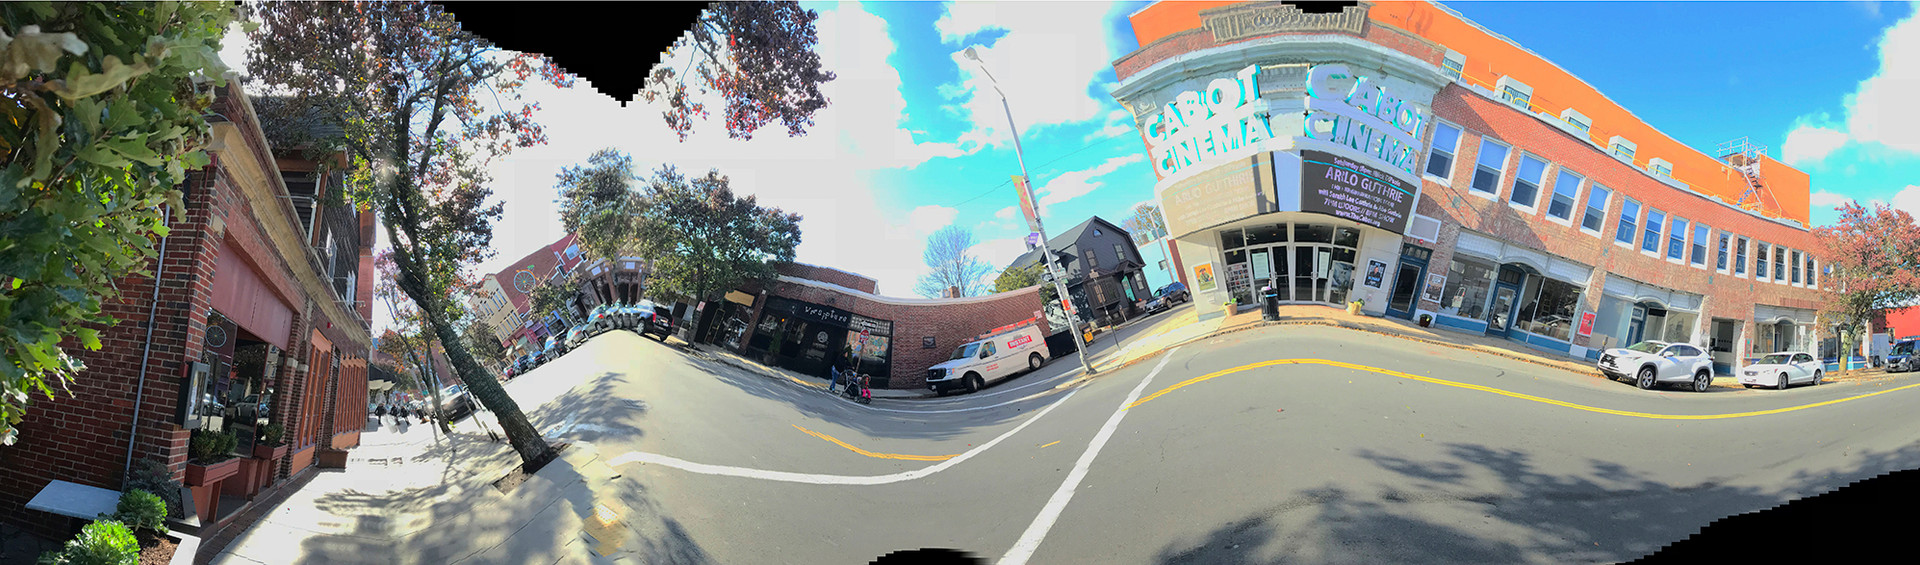 Along Cabot Street